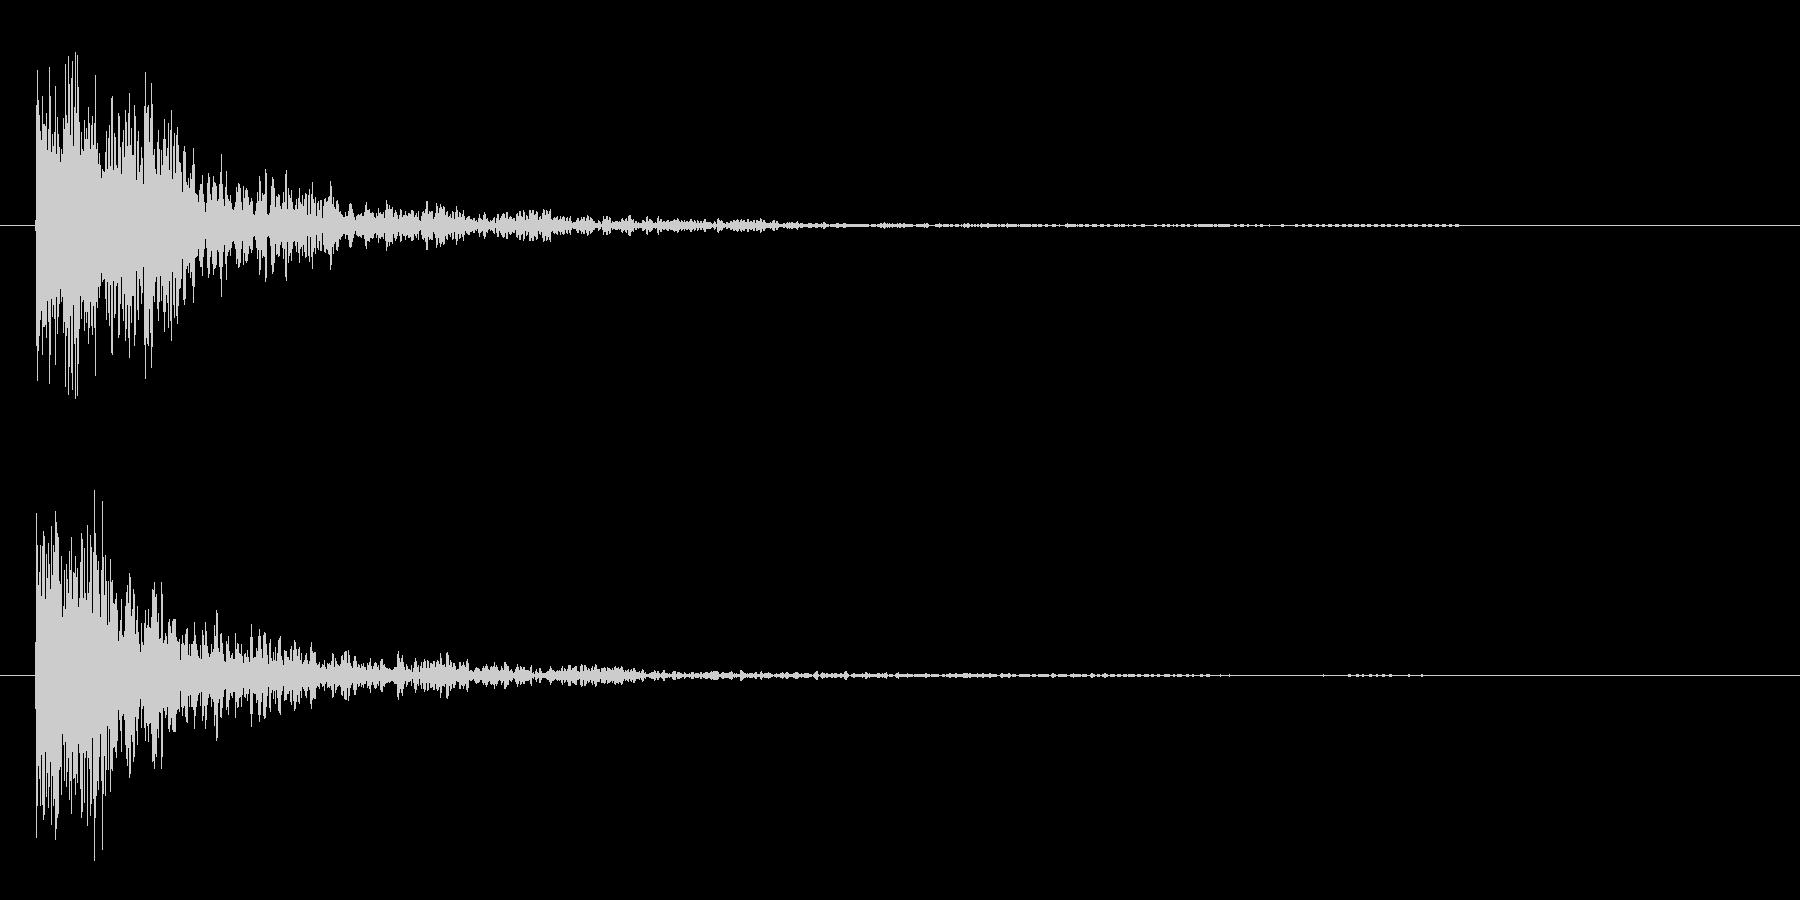 ガシーンという剣の打ち合いの様な効果音の未再生の波形